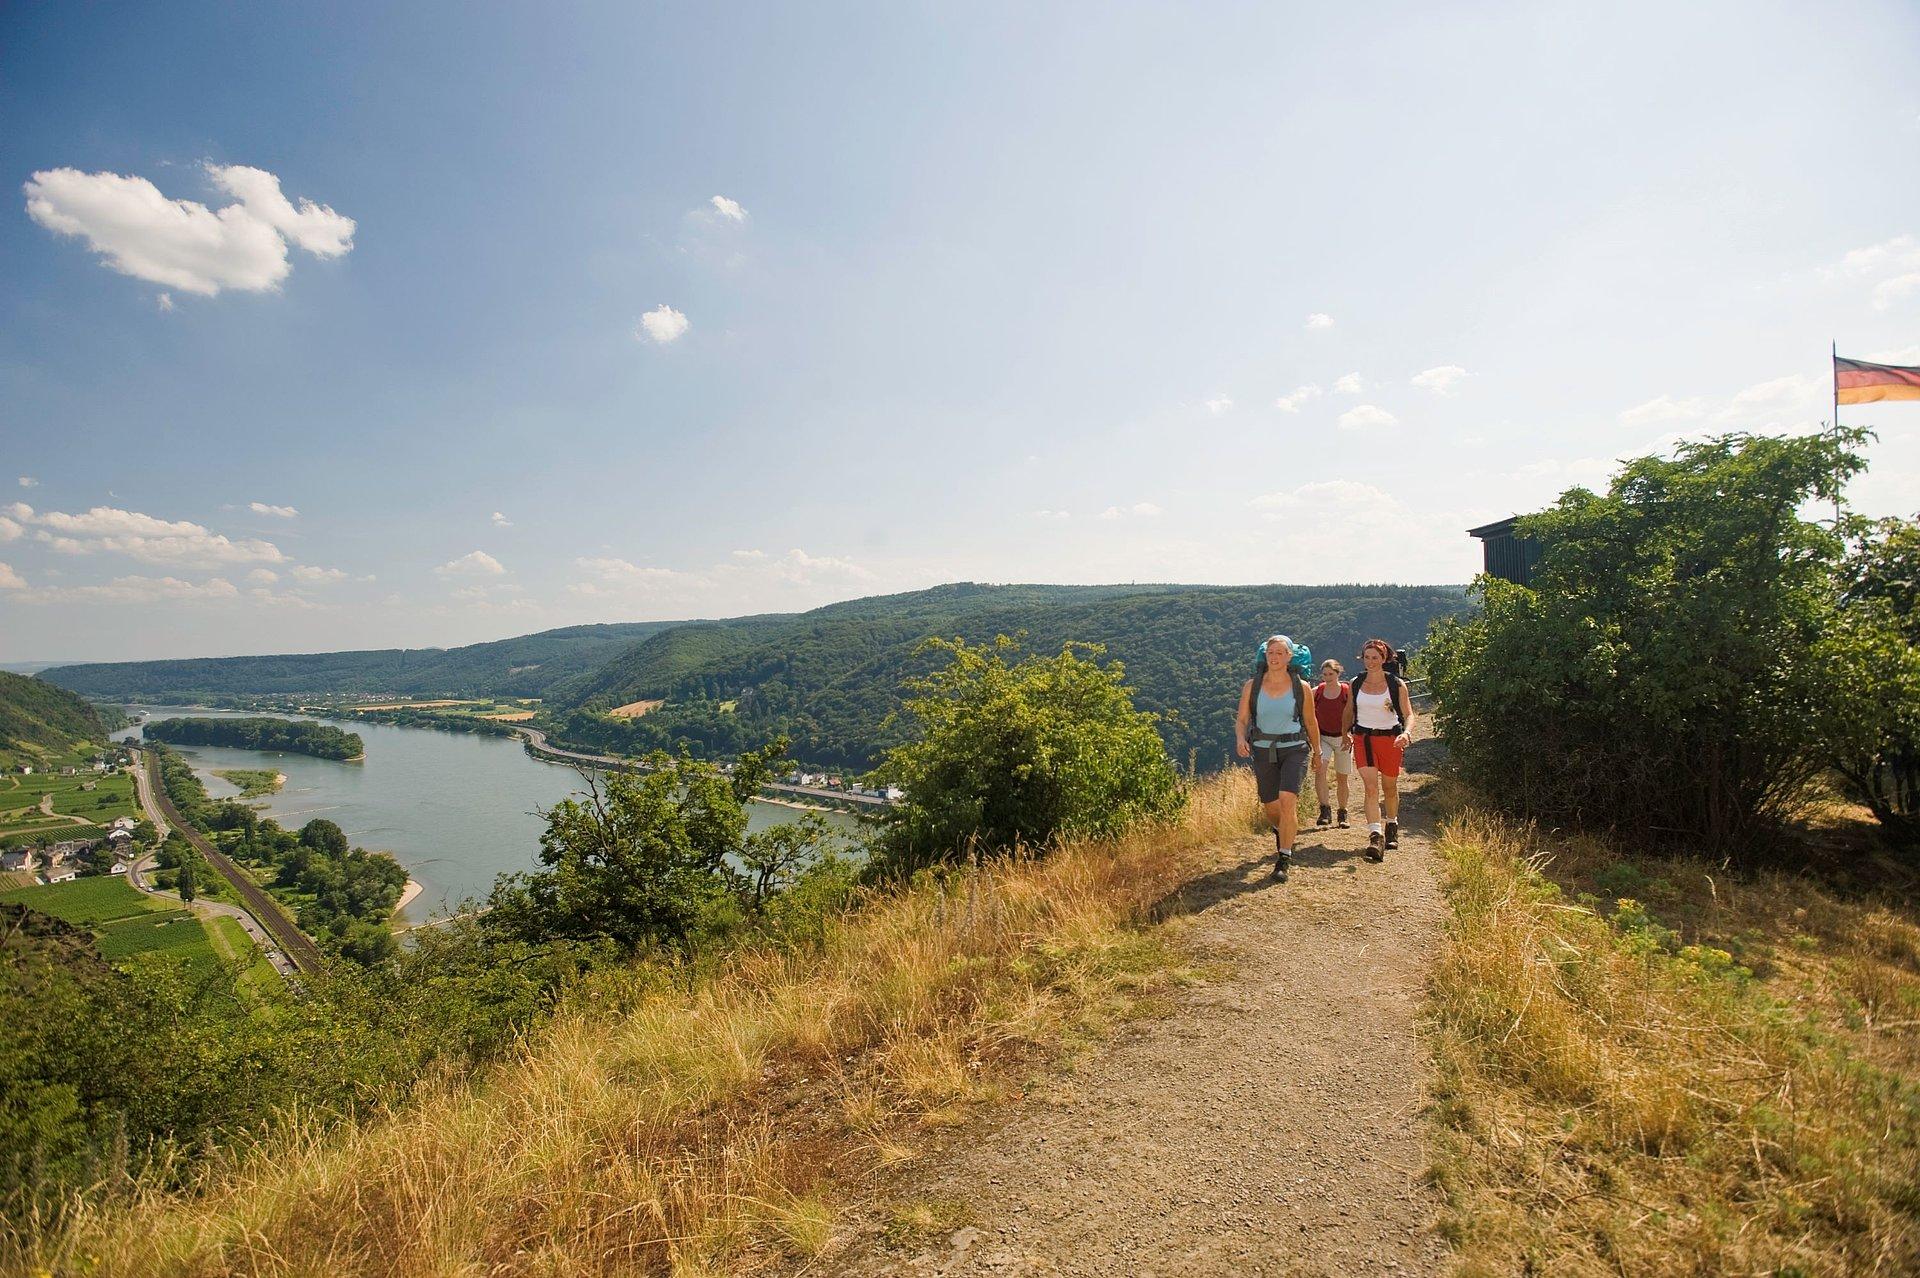 Wanderung zur Rheinbrohler Ley, Romantischer Rhein